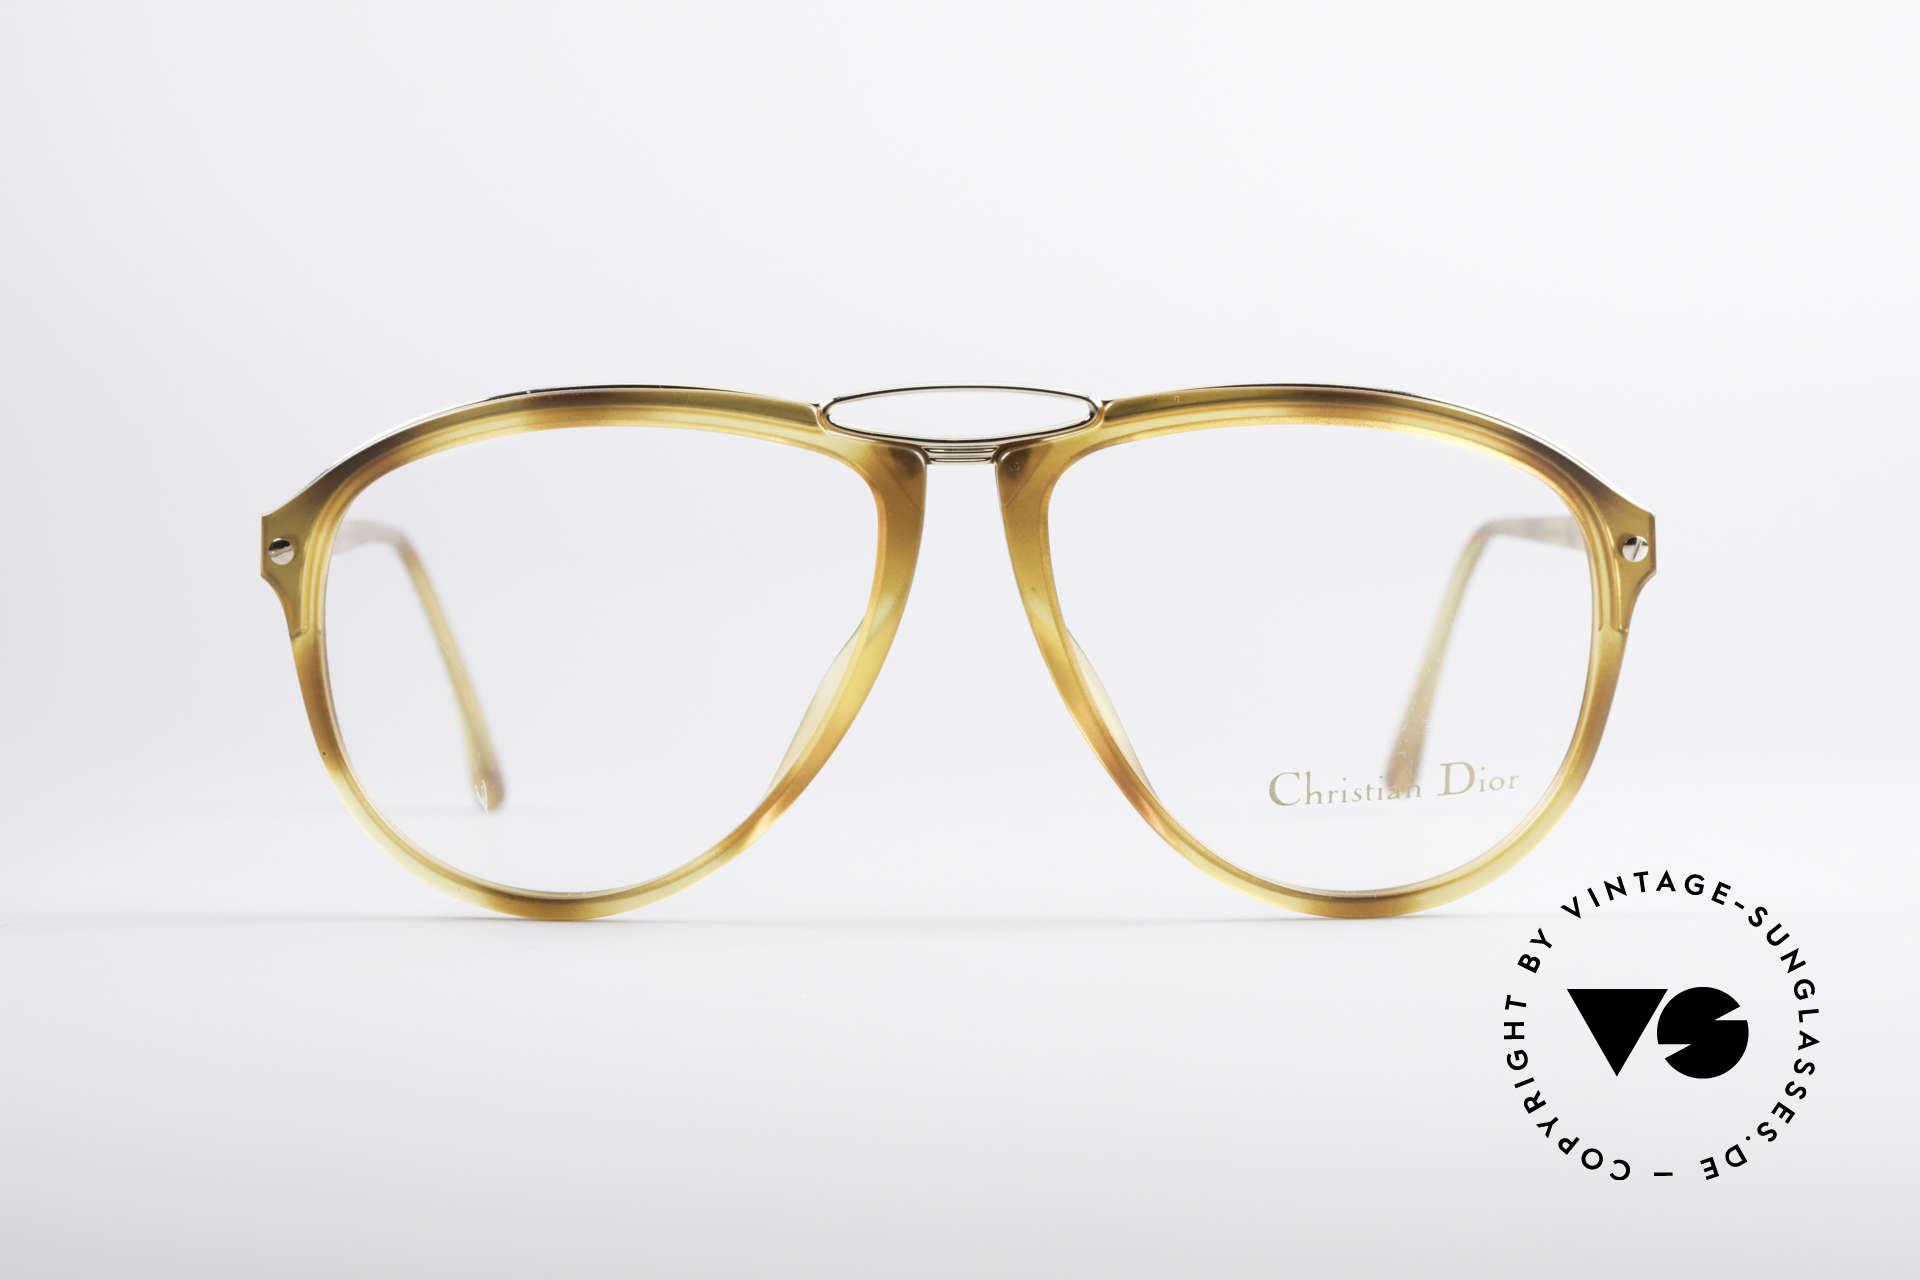 Christian Dior 2523 80's No Retro Glasses Men, a true alternative to the ordinary 'AVIATOR-style', Made for Men